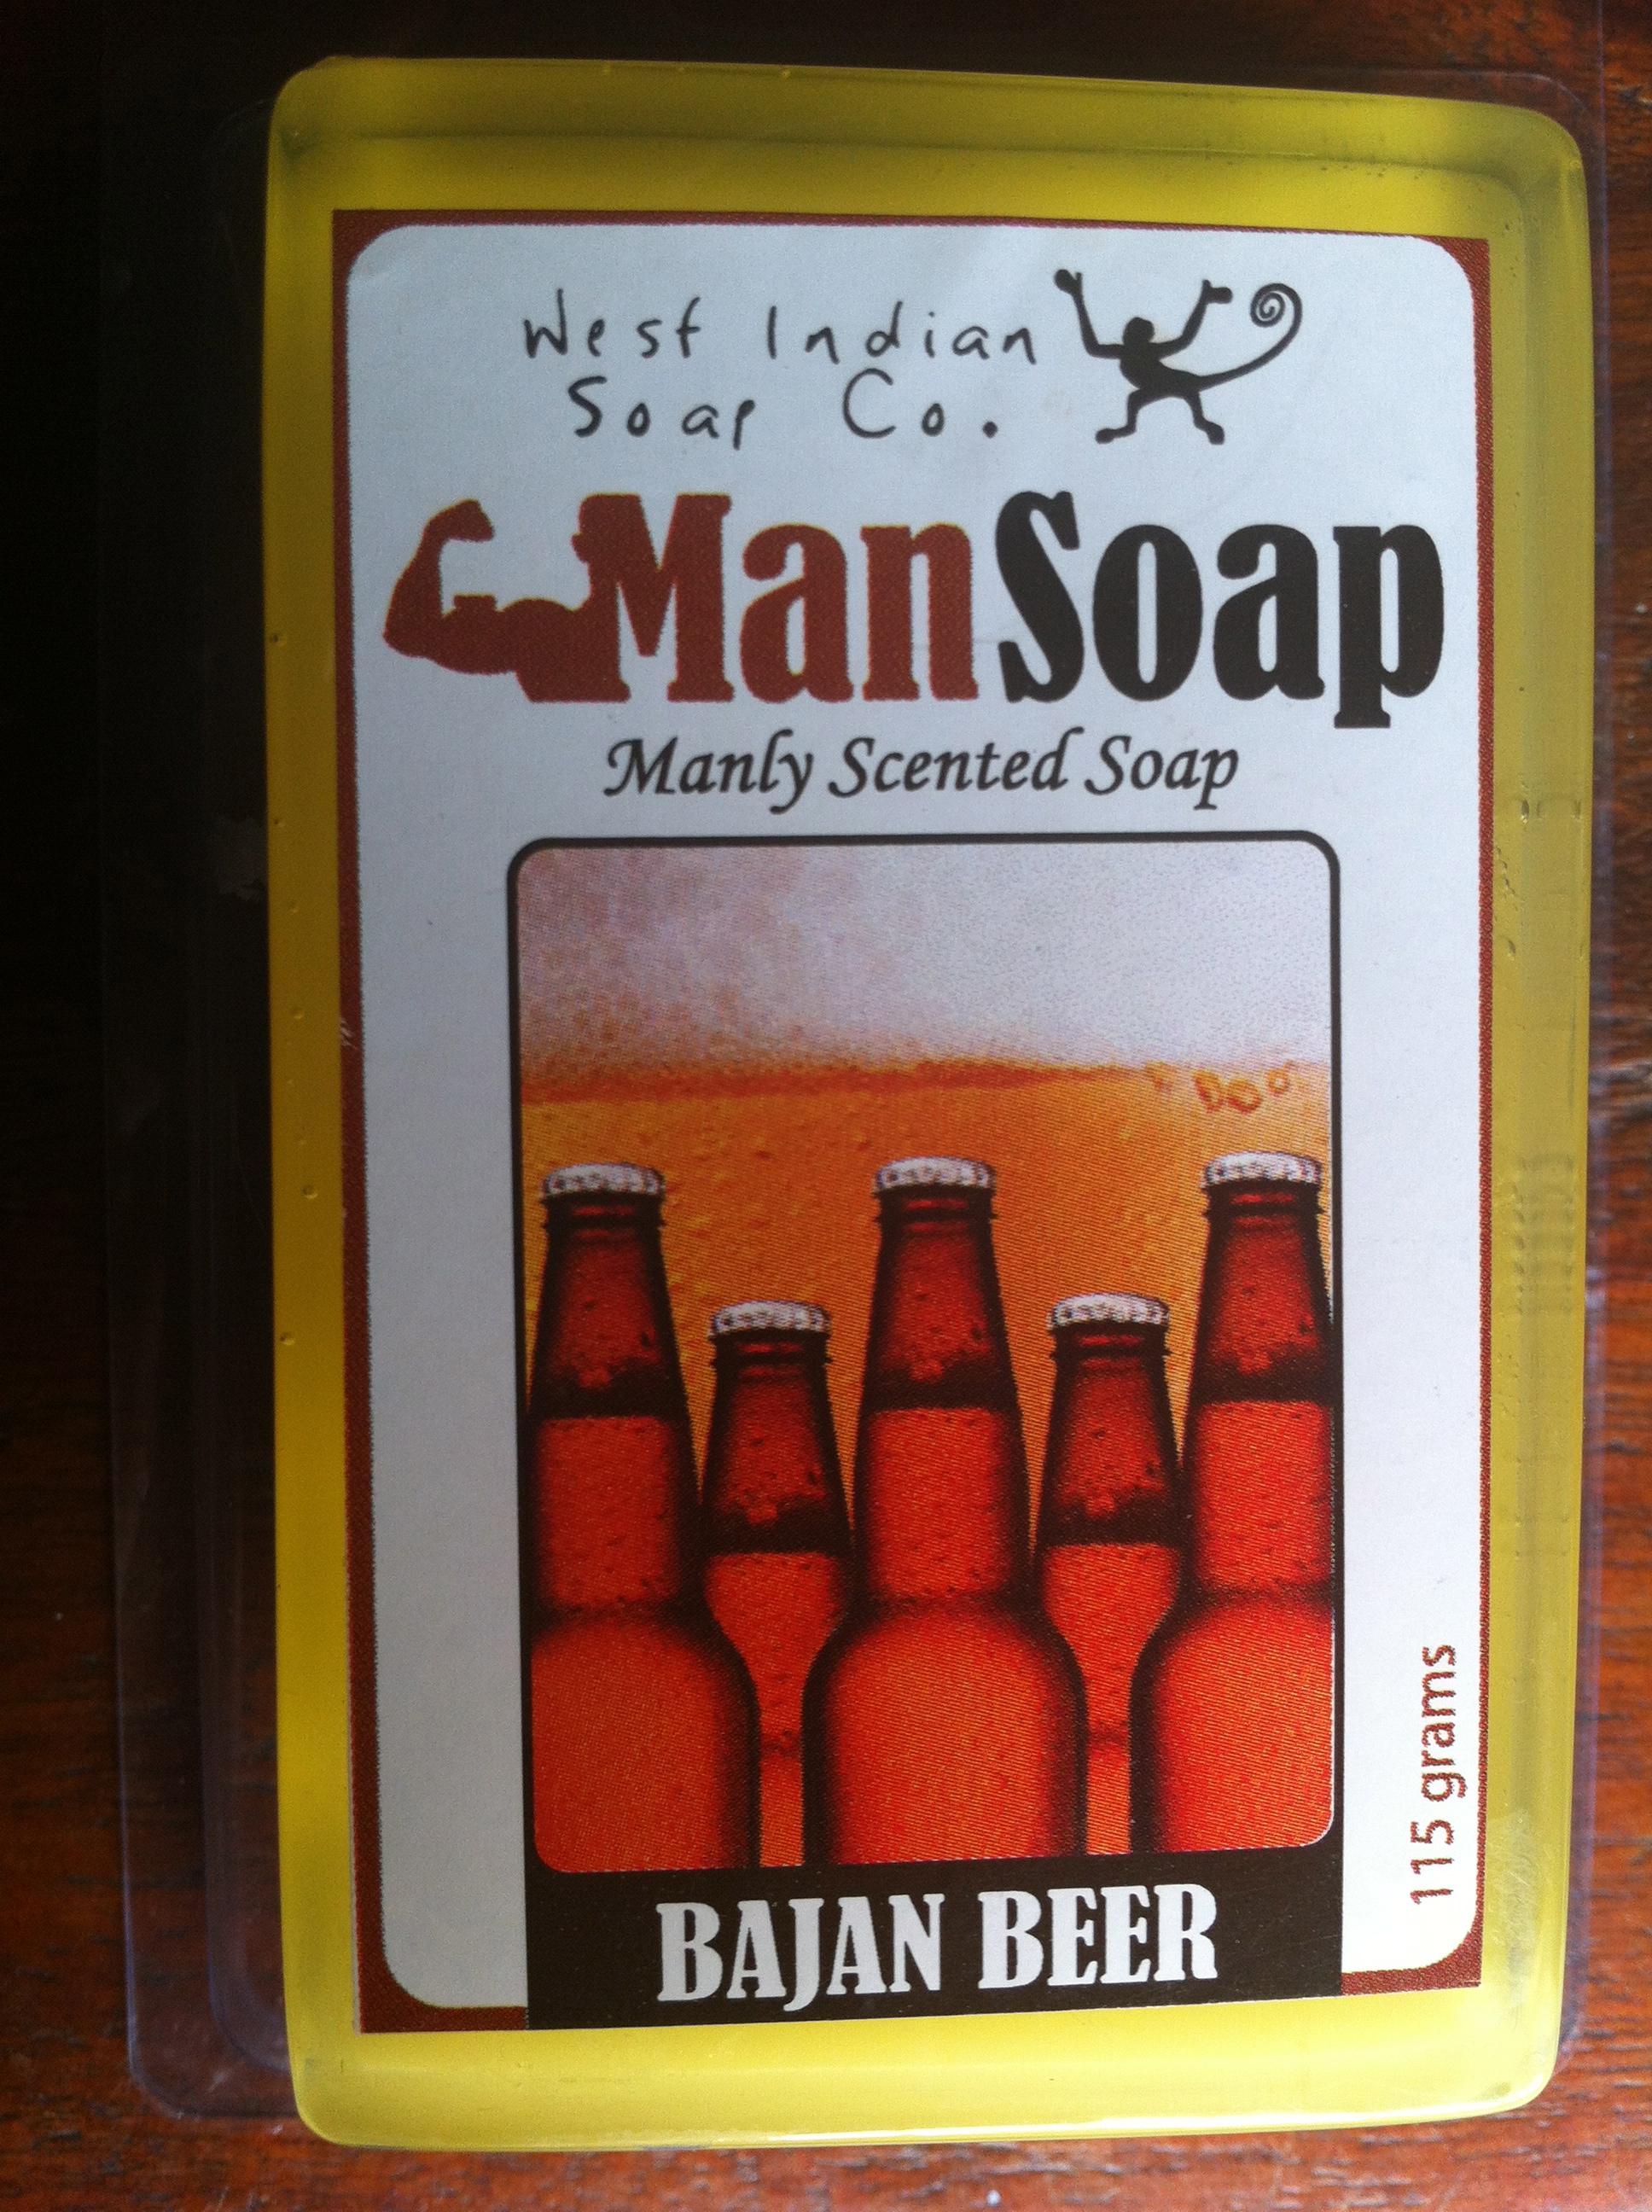 Bajan Beer